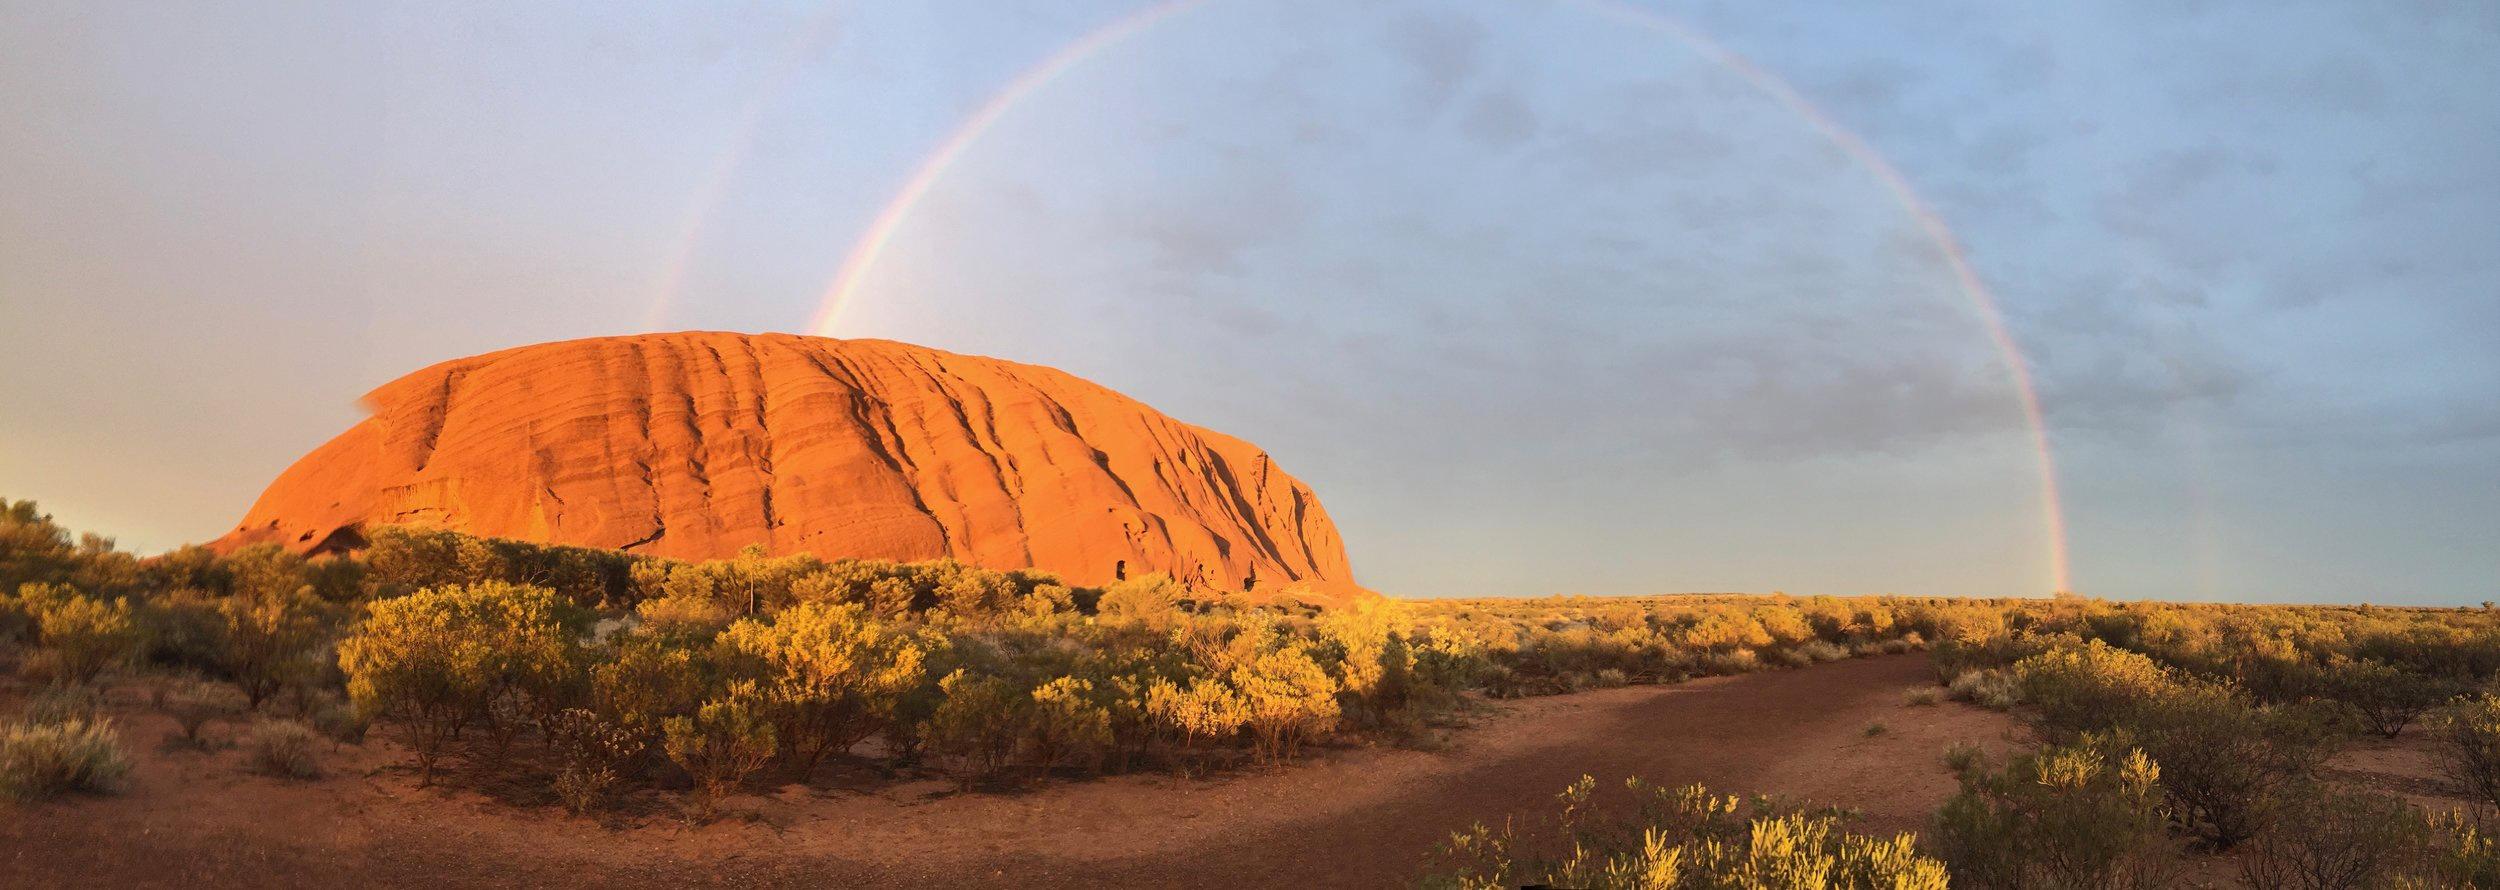 Uluru after a rain in November 2018!